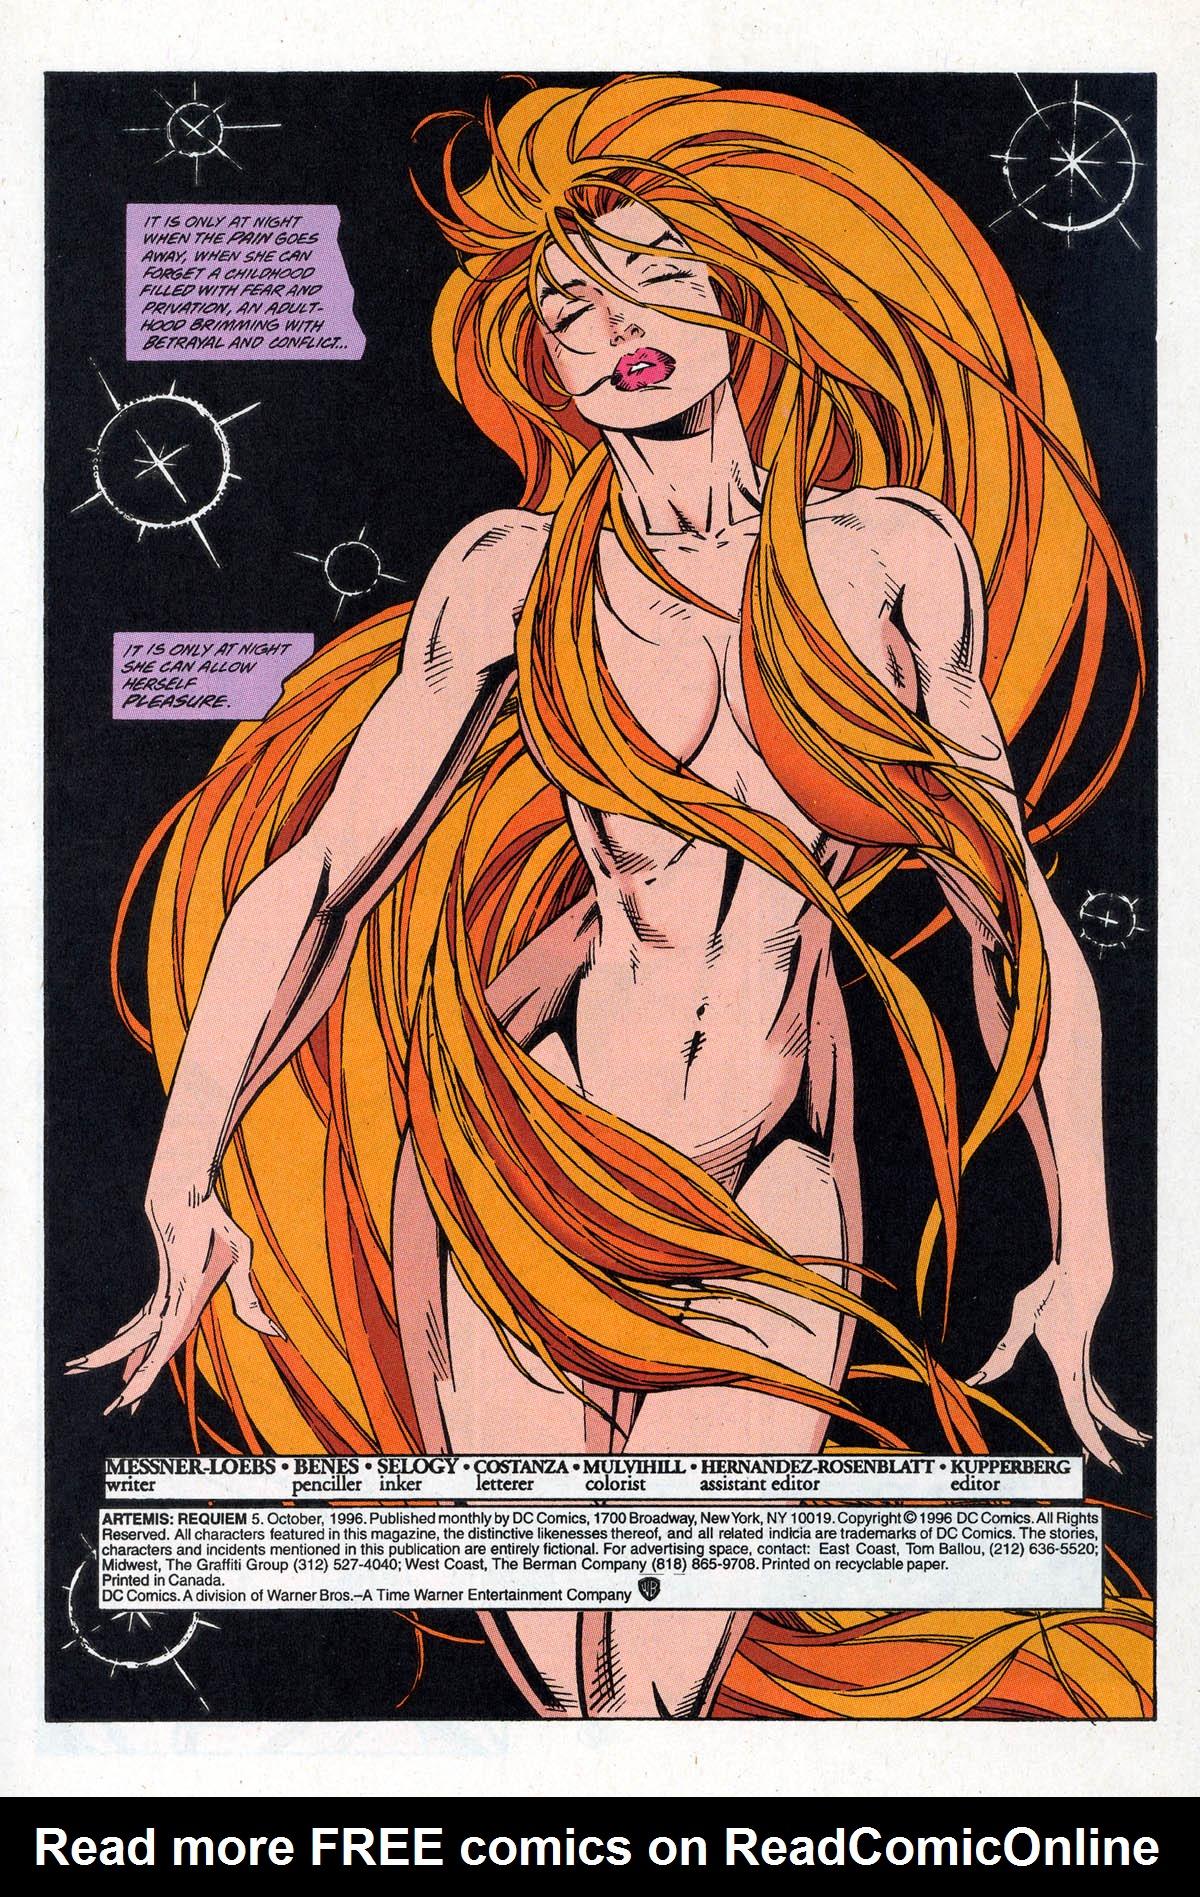 Read online Artemis: Requiem comic -  Issue #5 - 3